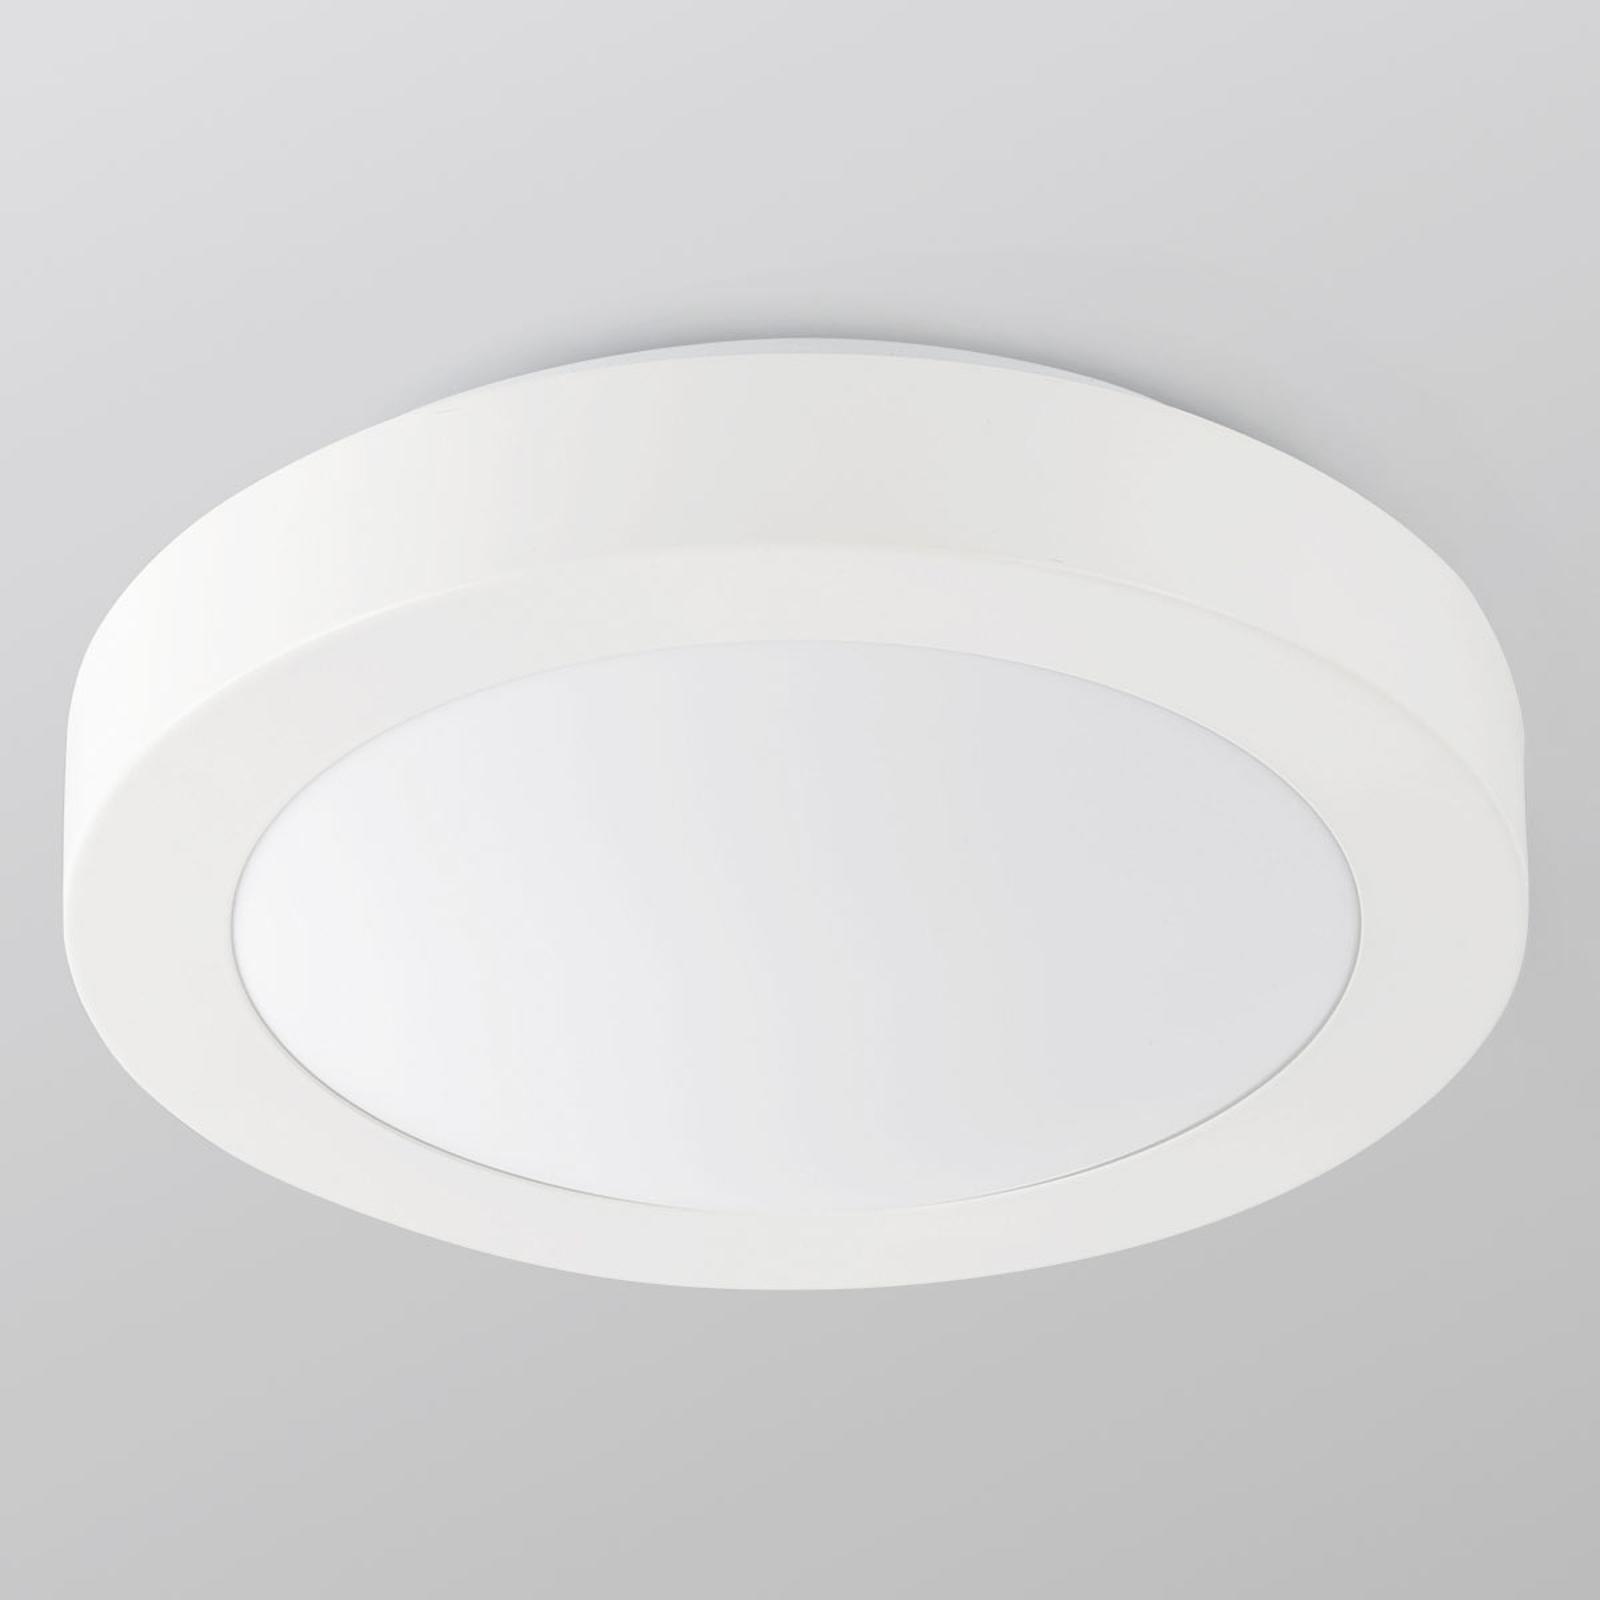 Logos - round bathroom ceiling lamp 35 cm diameter_3507310_1